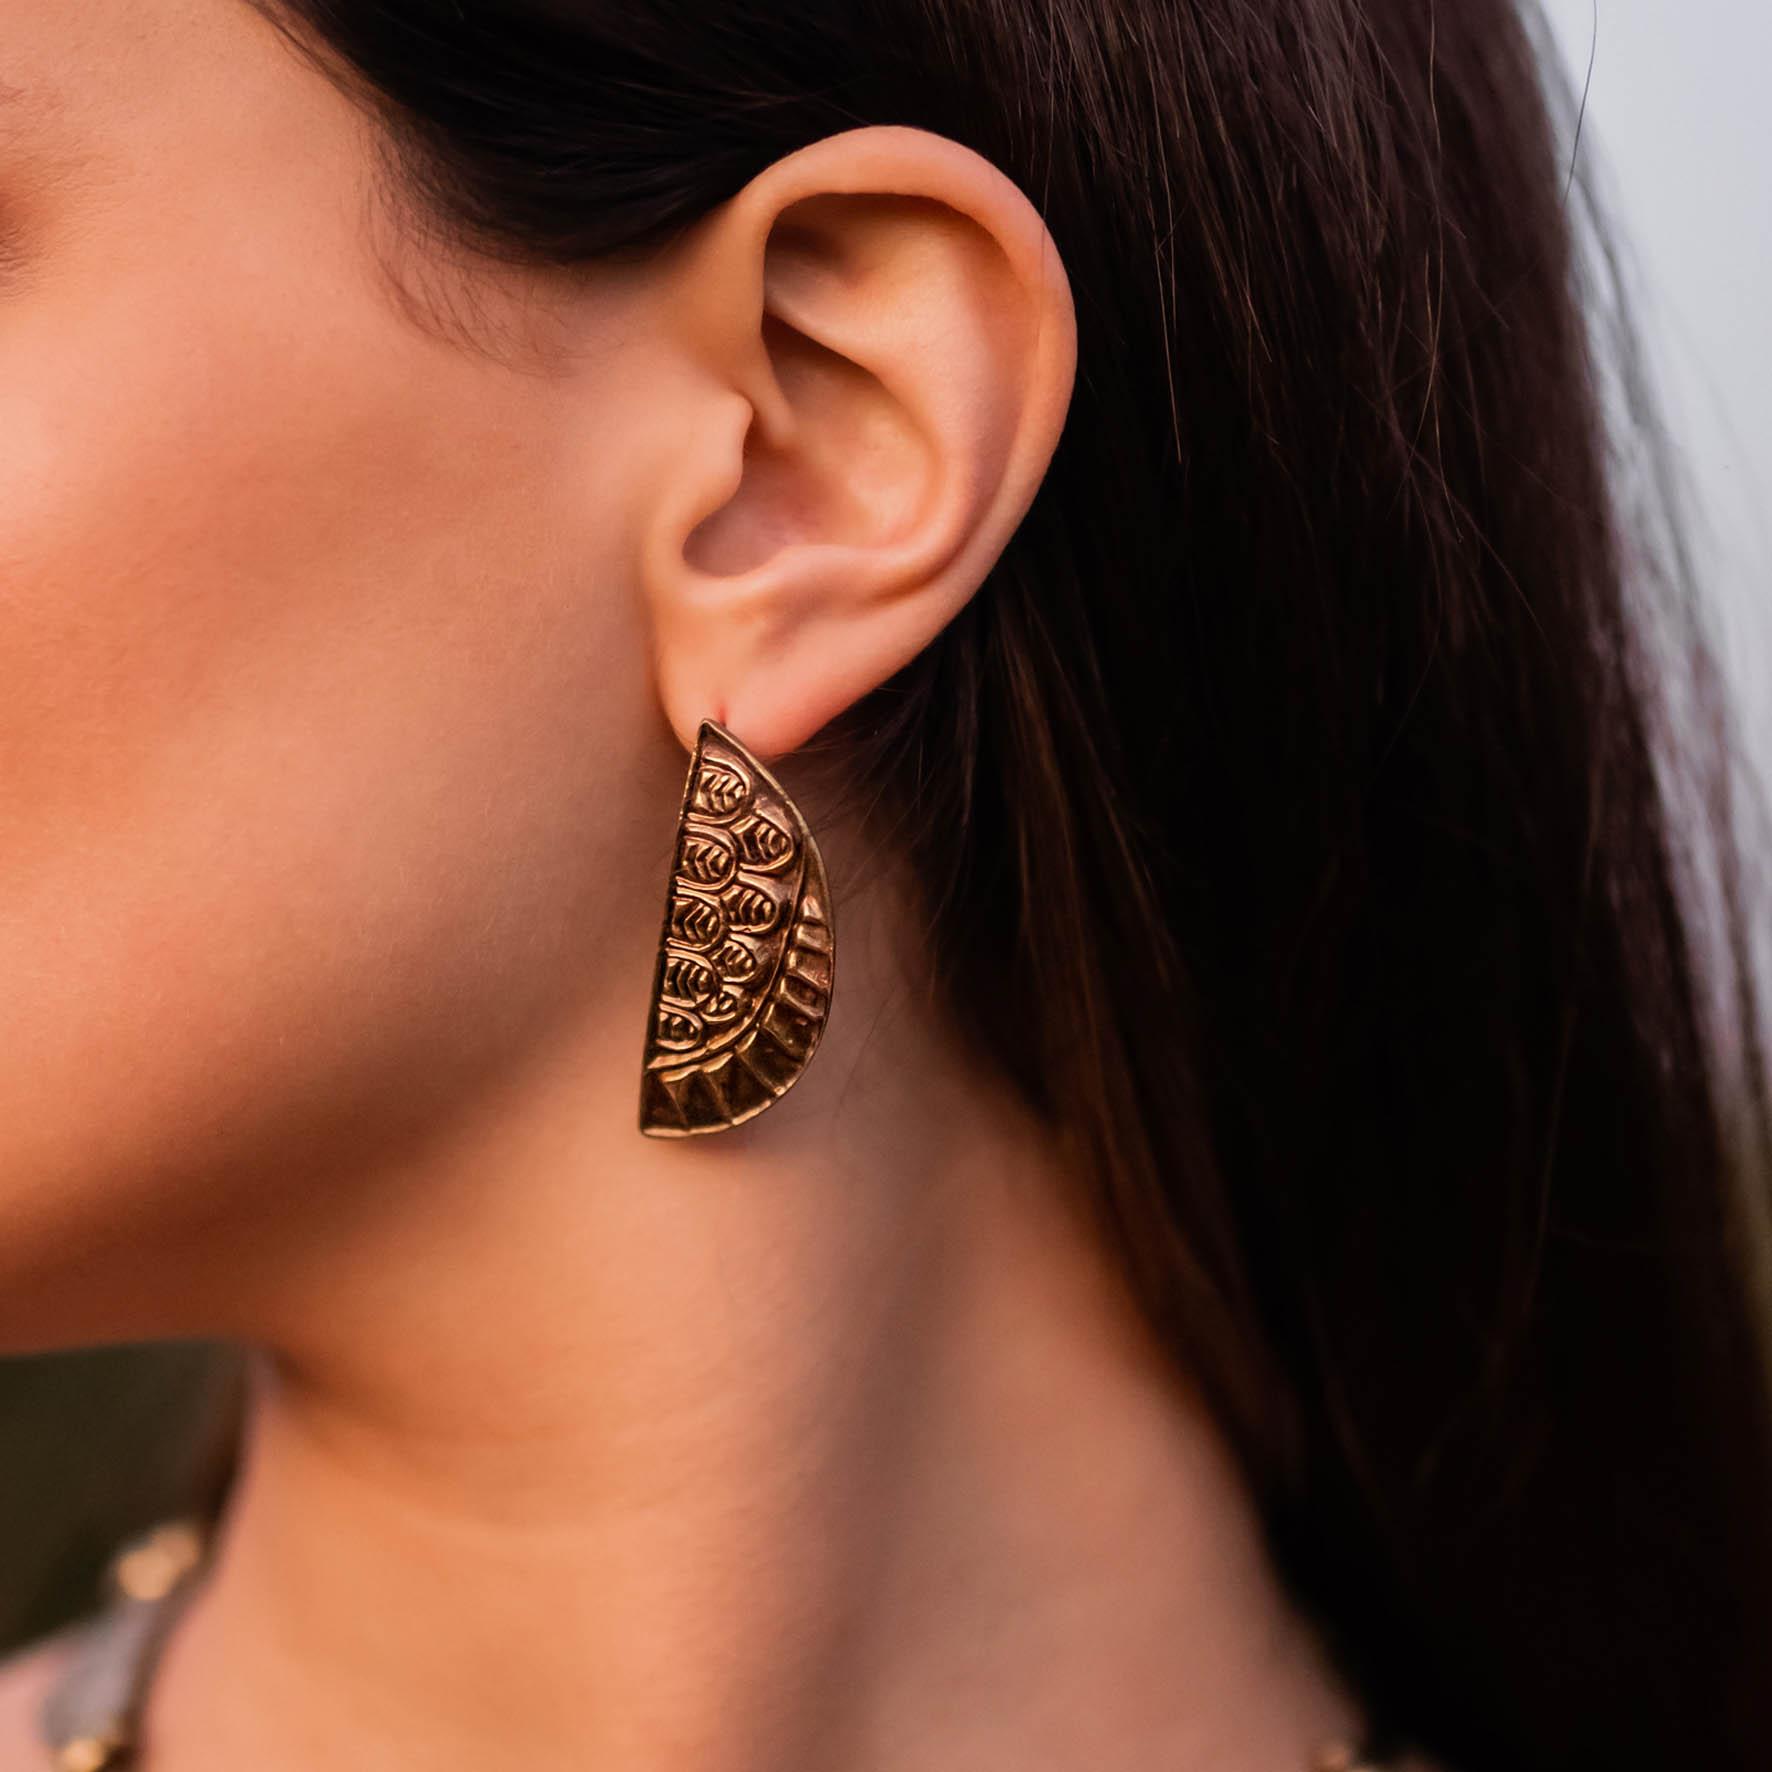 Semicircular Wing Earrings